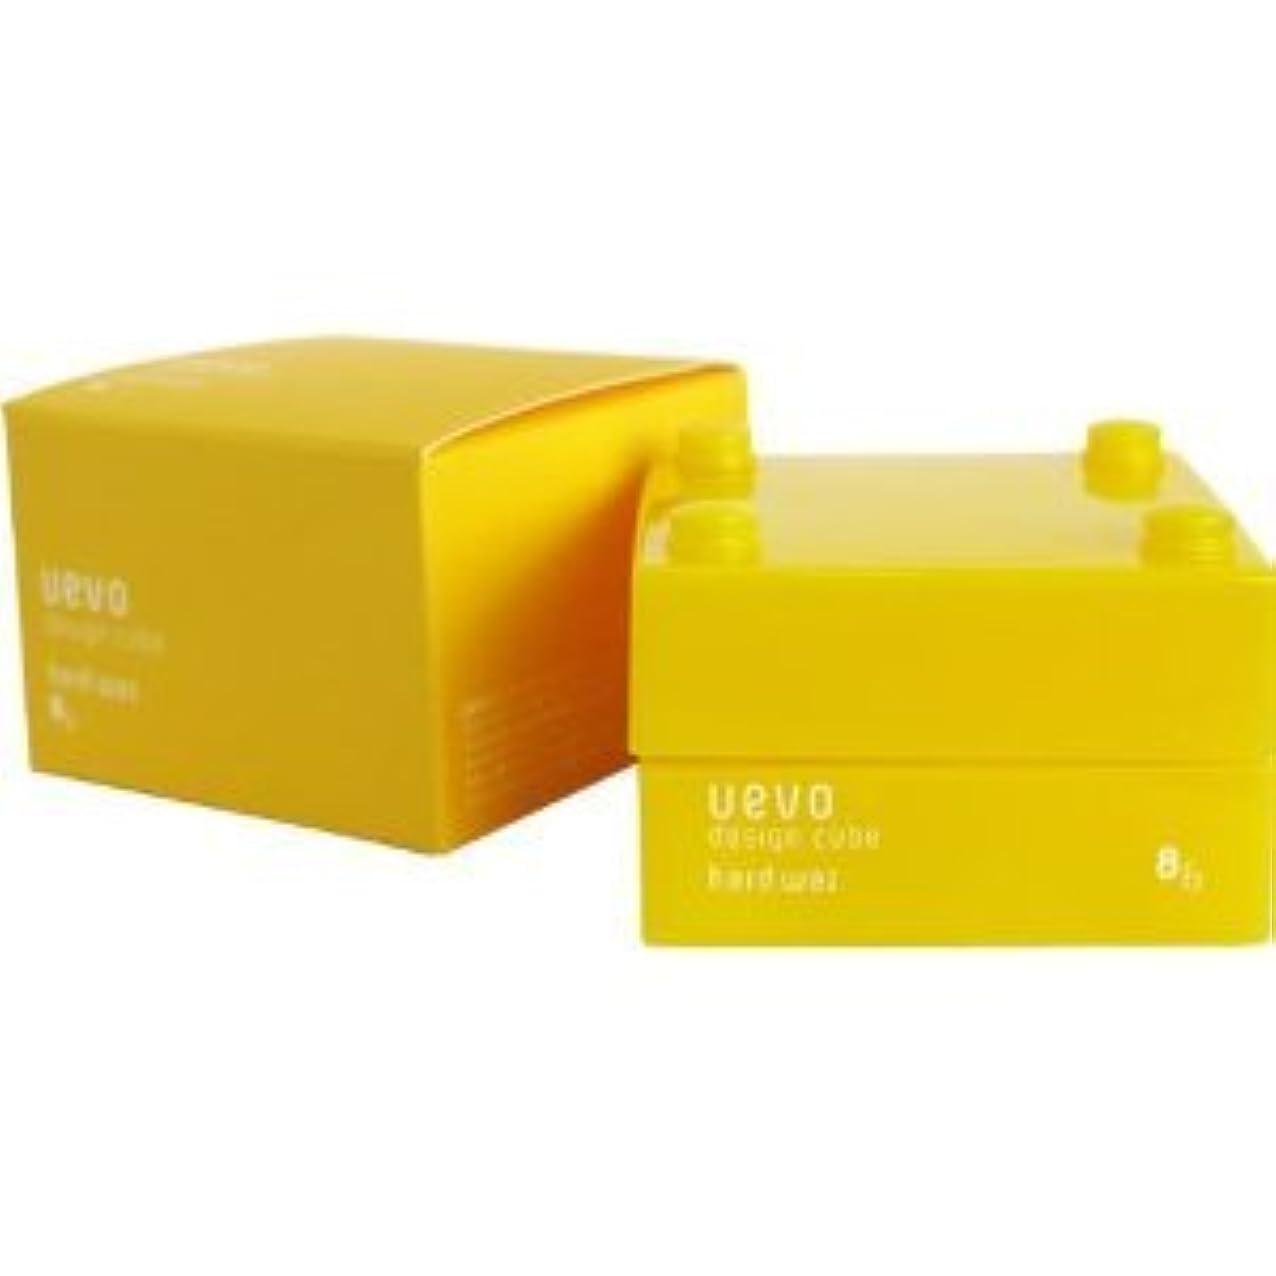 マンモスラウズアプト【X2個セット】 デミ ウェーボ デザインキューブ ハードワックス 30g hard wax DEMI uevo design cube